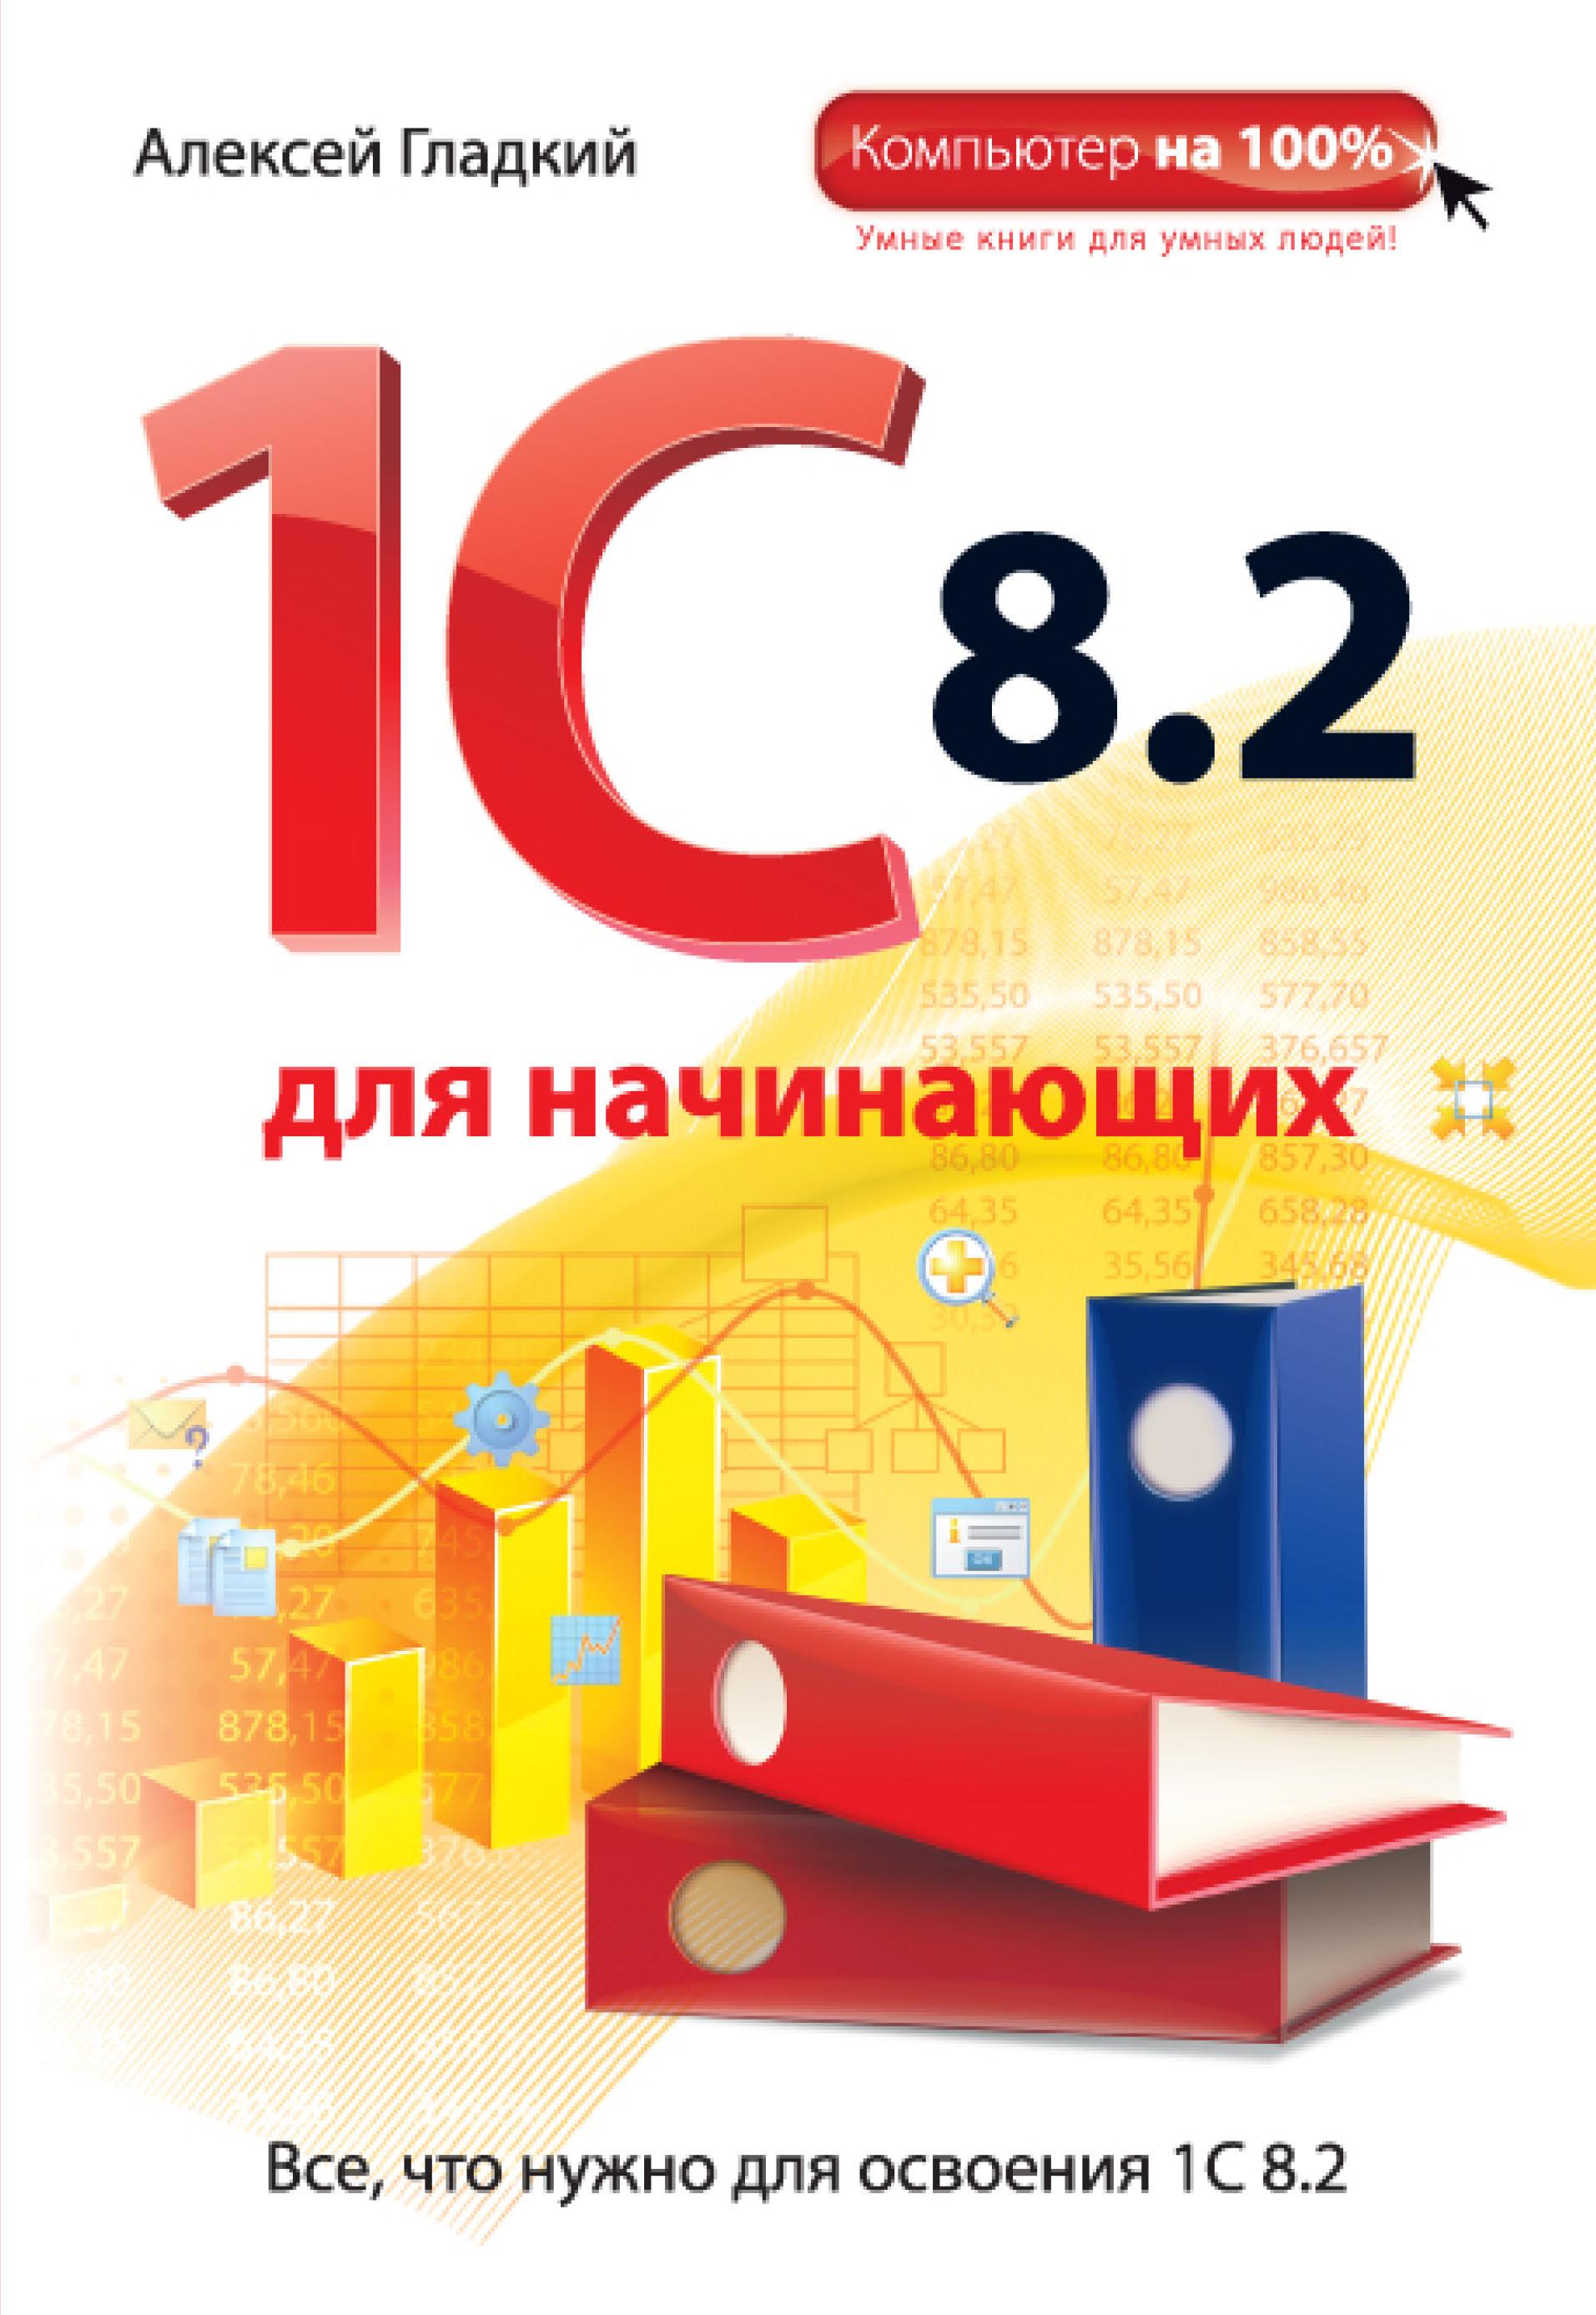 Алексей Гладкий 1С 8.2 для начинающих алексей гладкий 1с бухгалтерия для начинающих isbn 978 5 496 00087 1